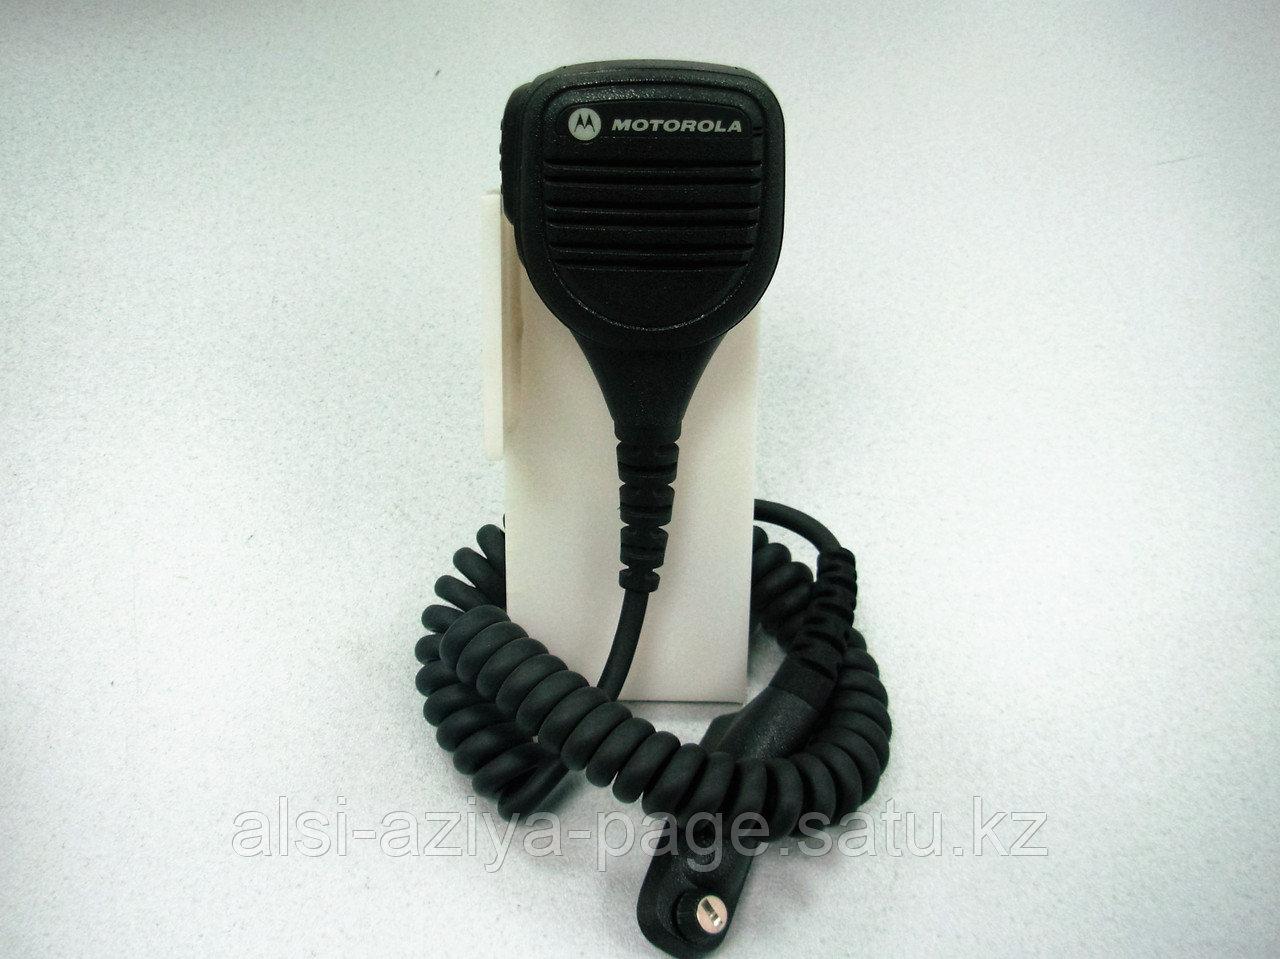 Микрофон для радиостанции Motorola MTP850